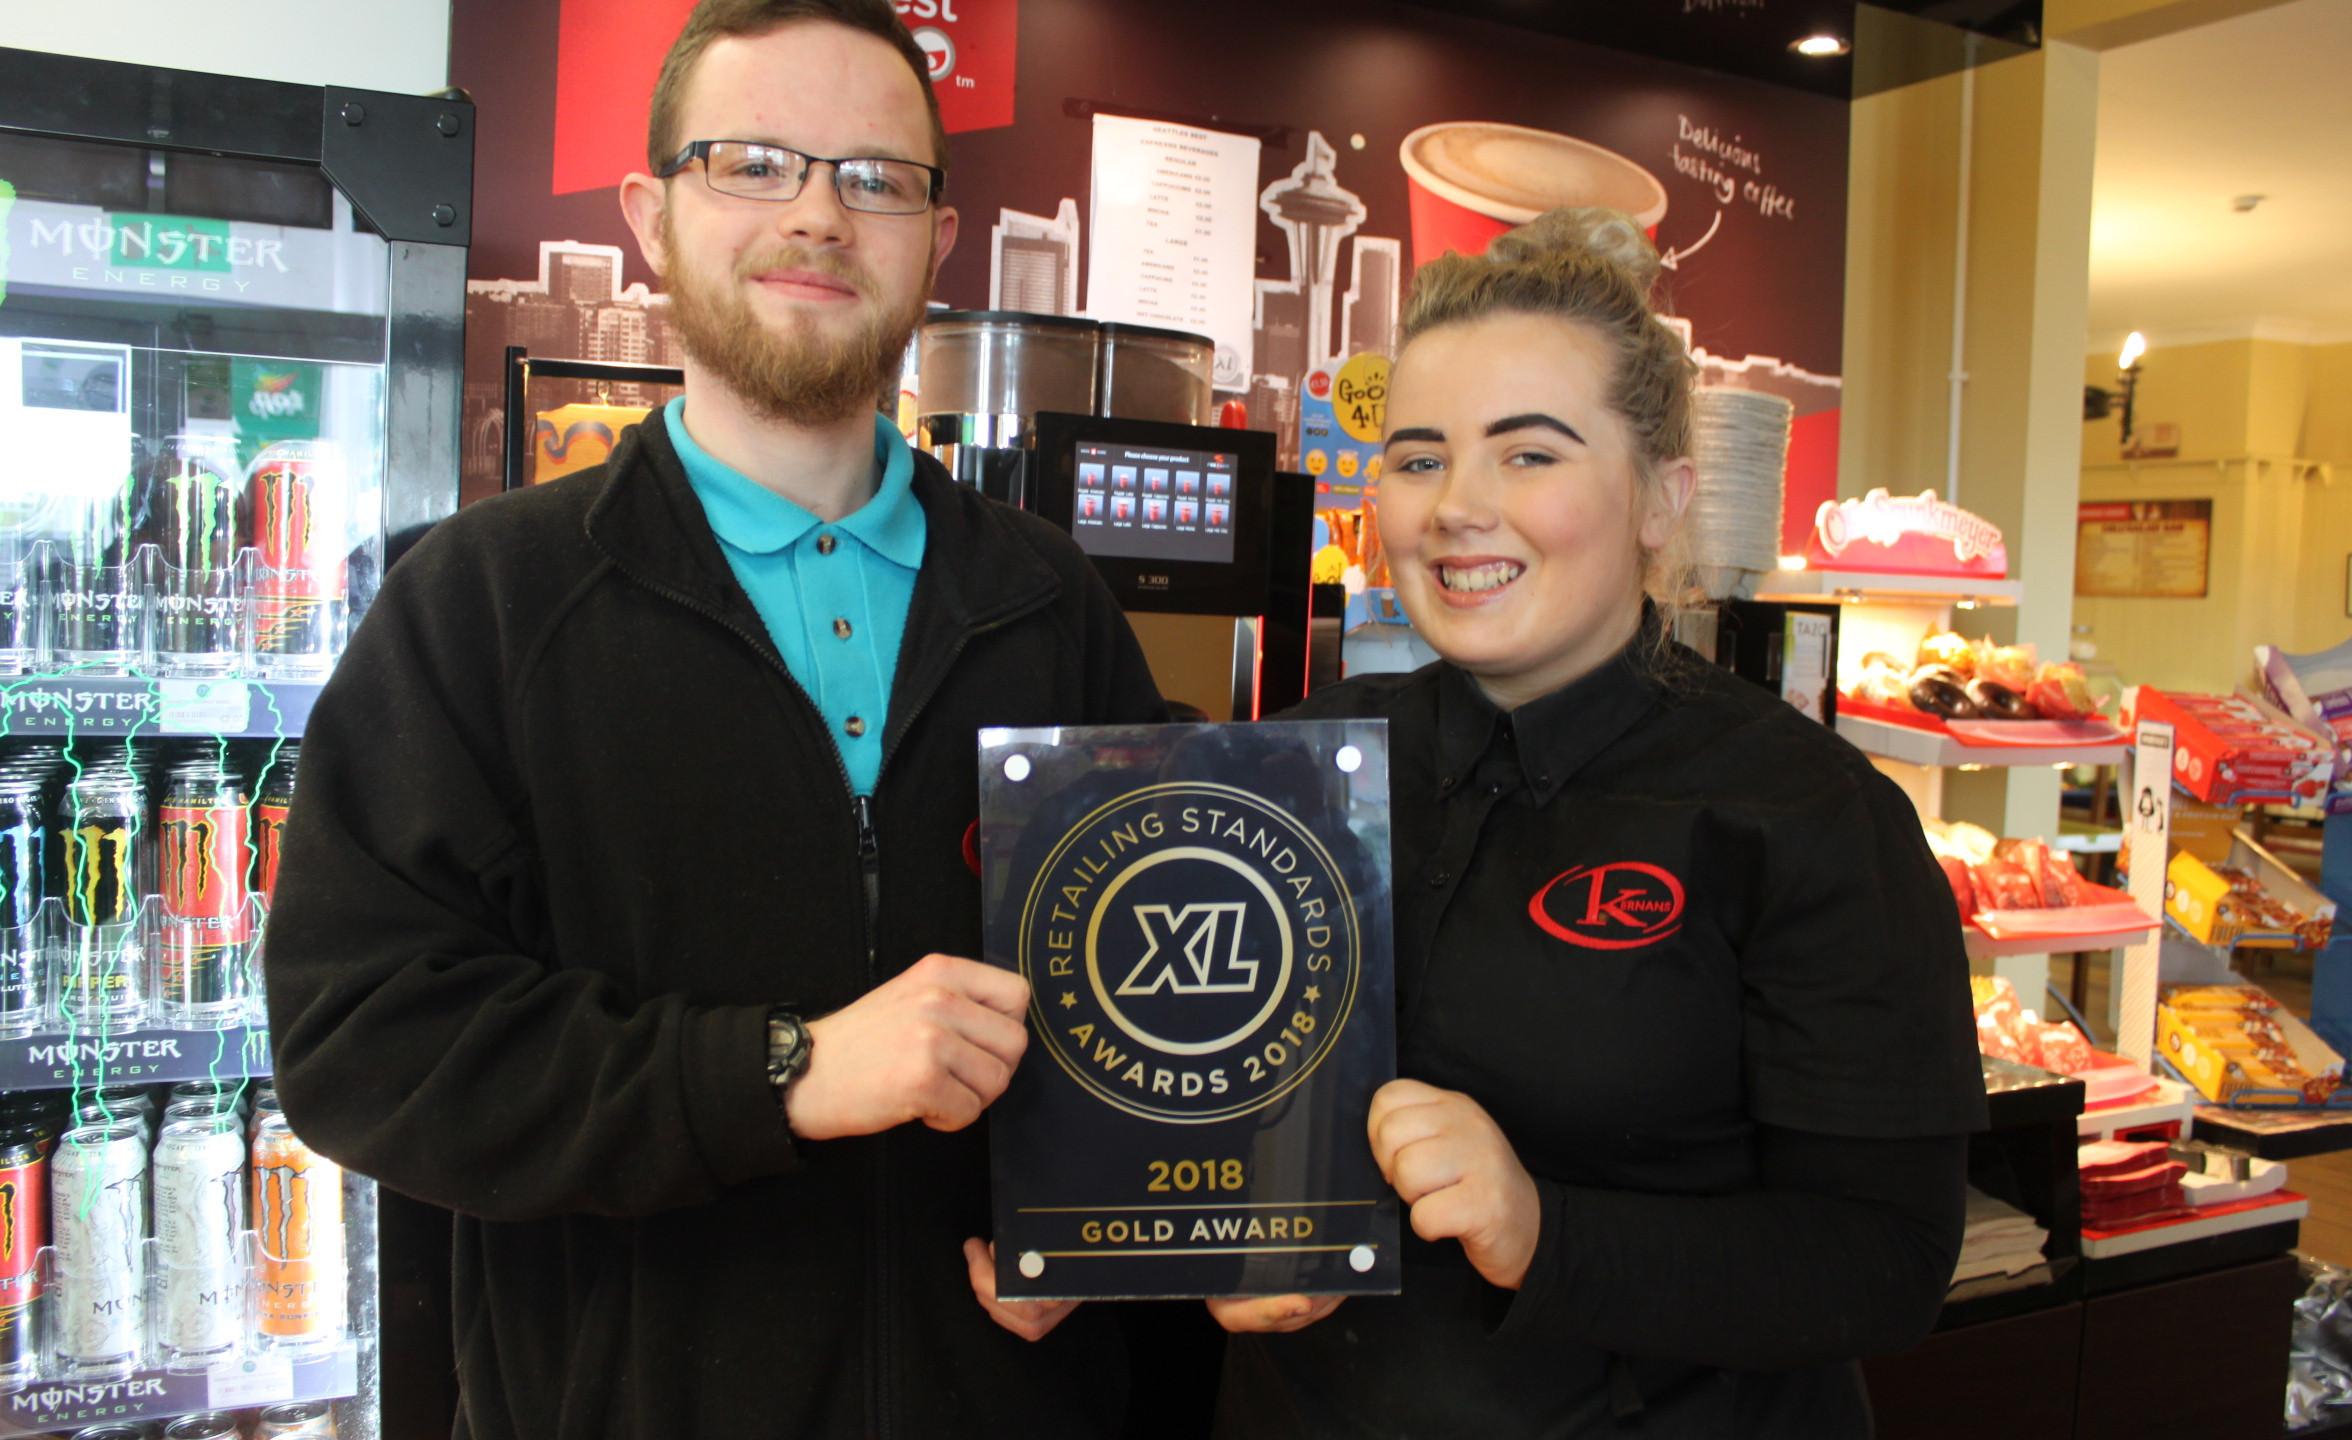 XL Award Winners 2018